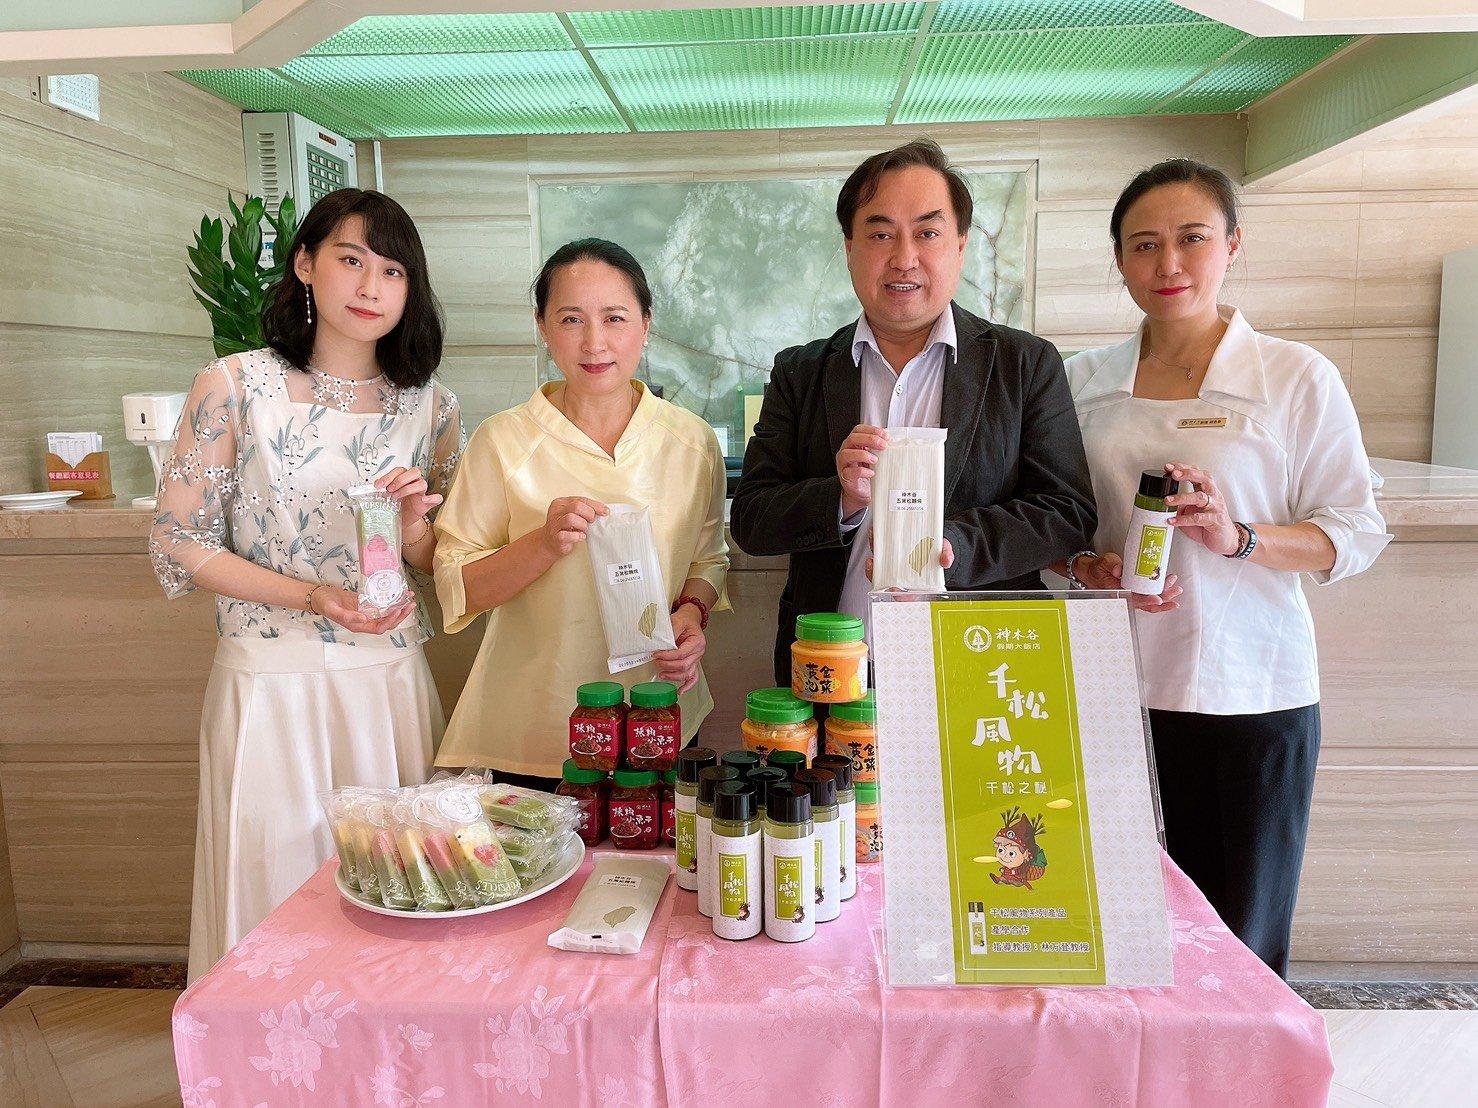 恭賀餐旅系林万登教授輔導谷關神木谷溫泉飯店開發在地伴手禮-成果發表圓滿